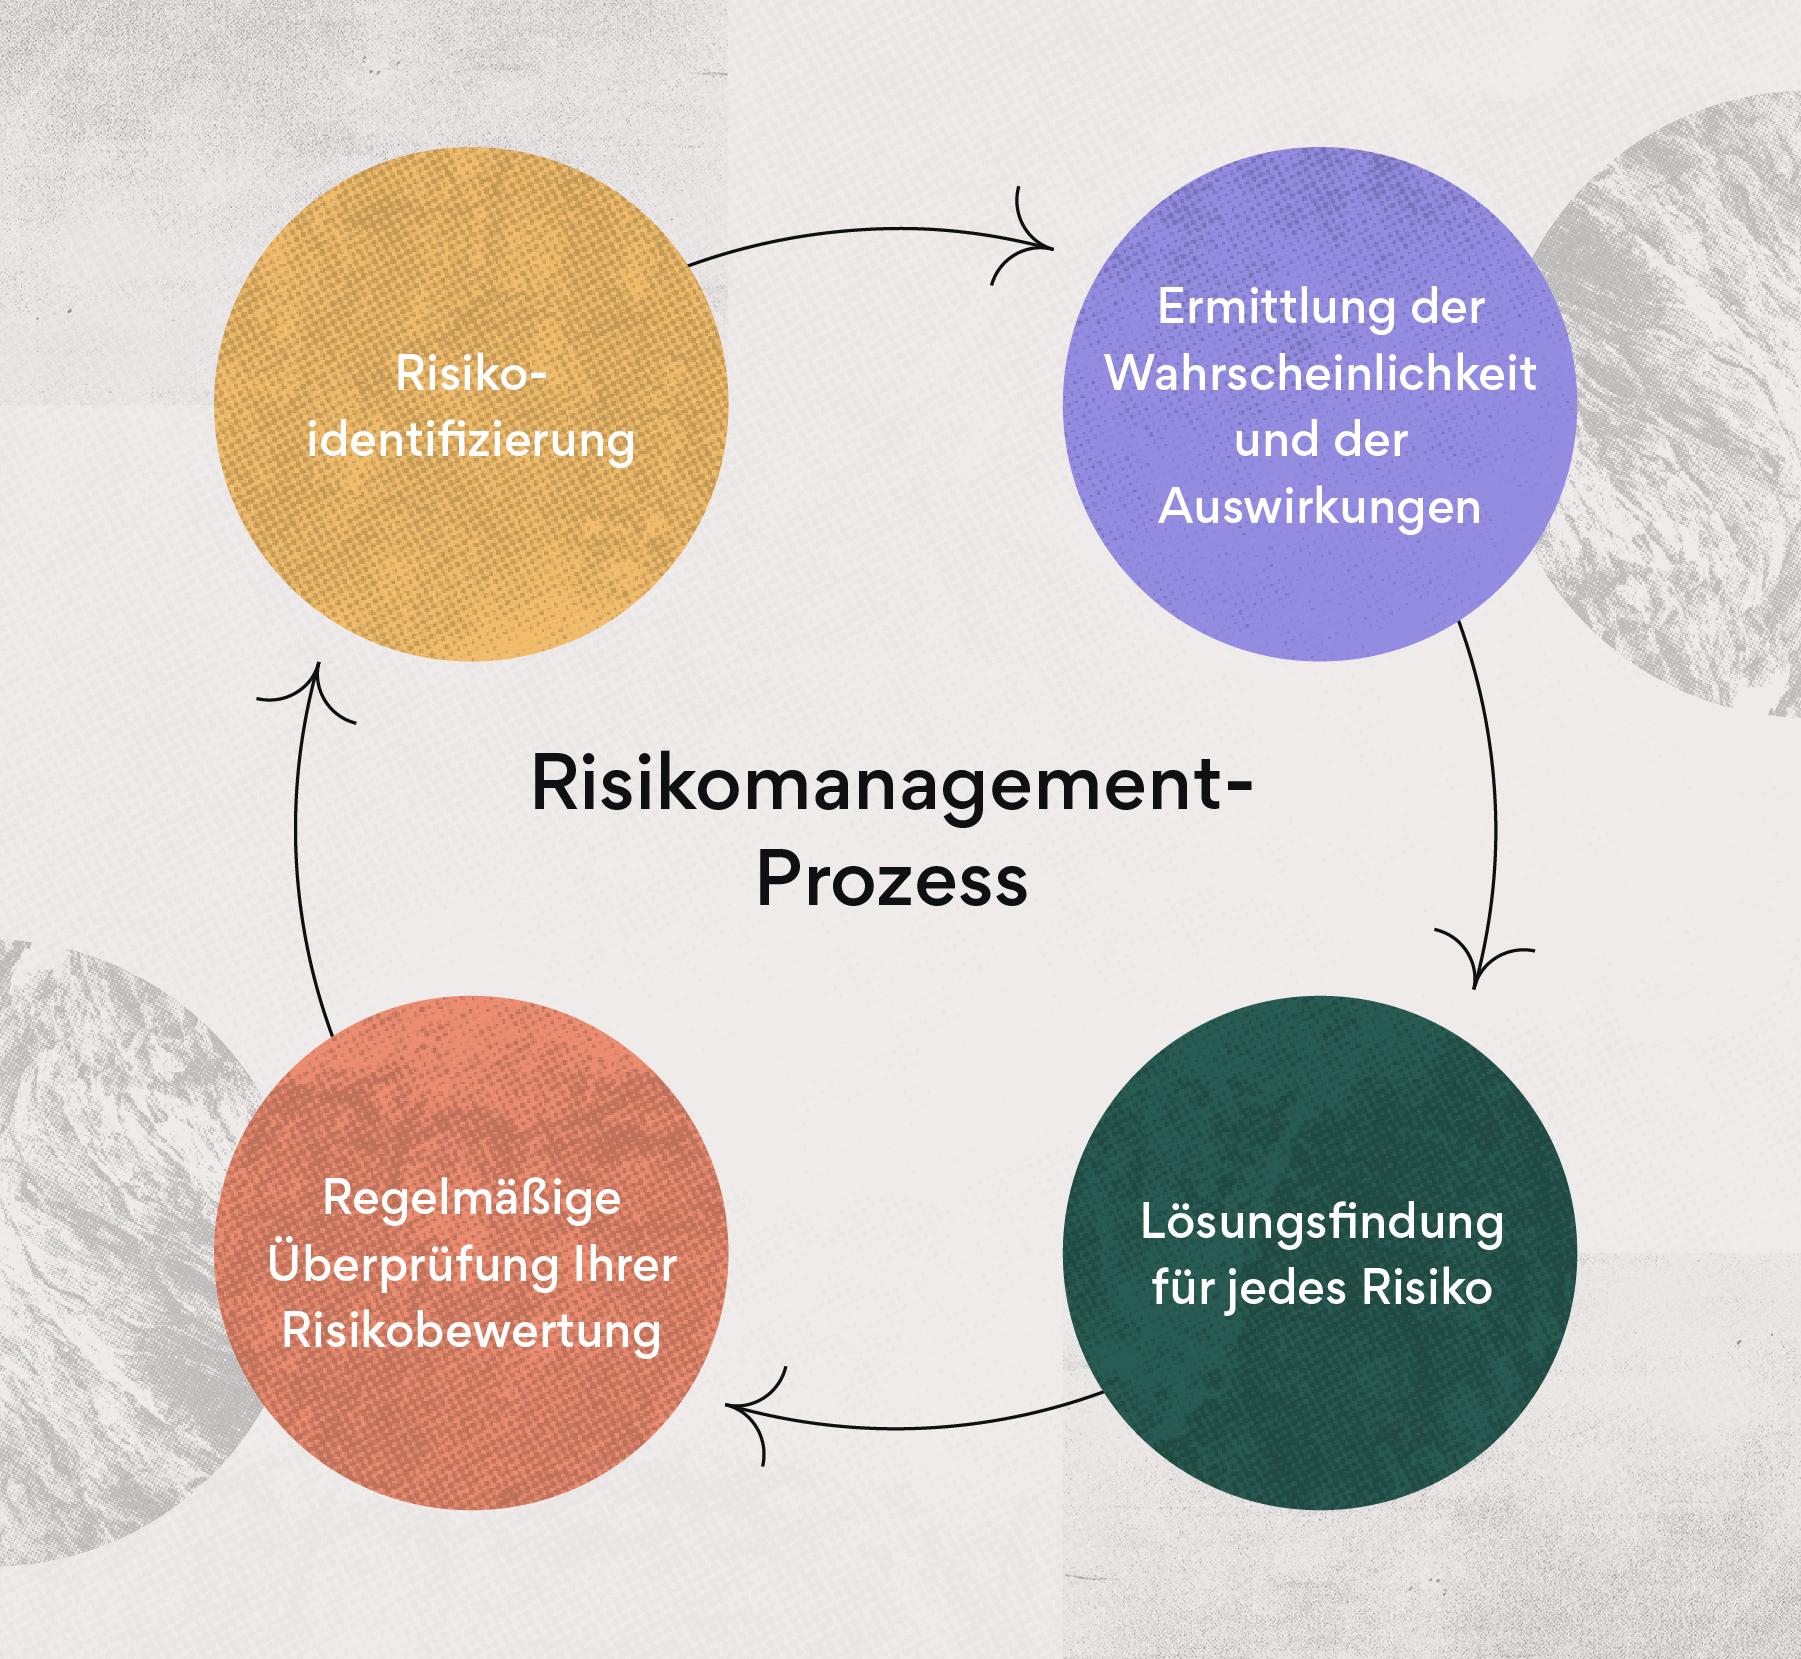 Wie Sie Ihr Team durch Risikomanagement vorbereiten können